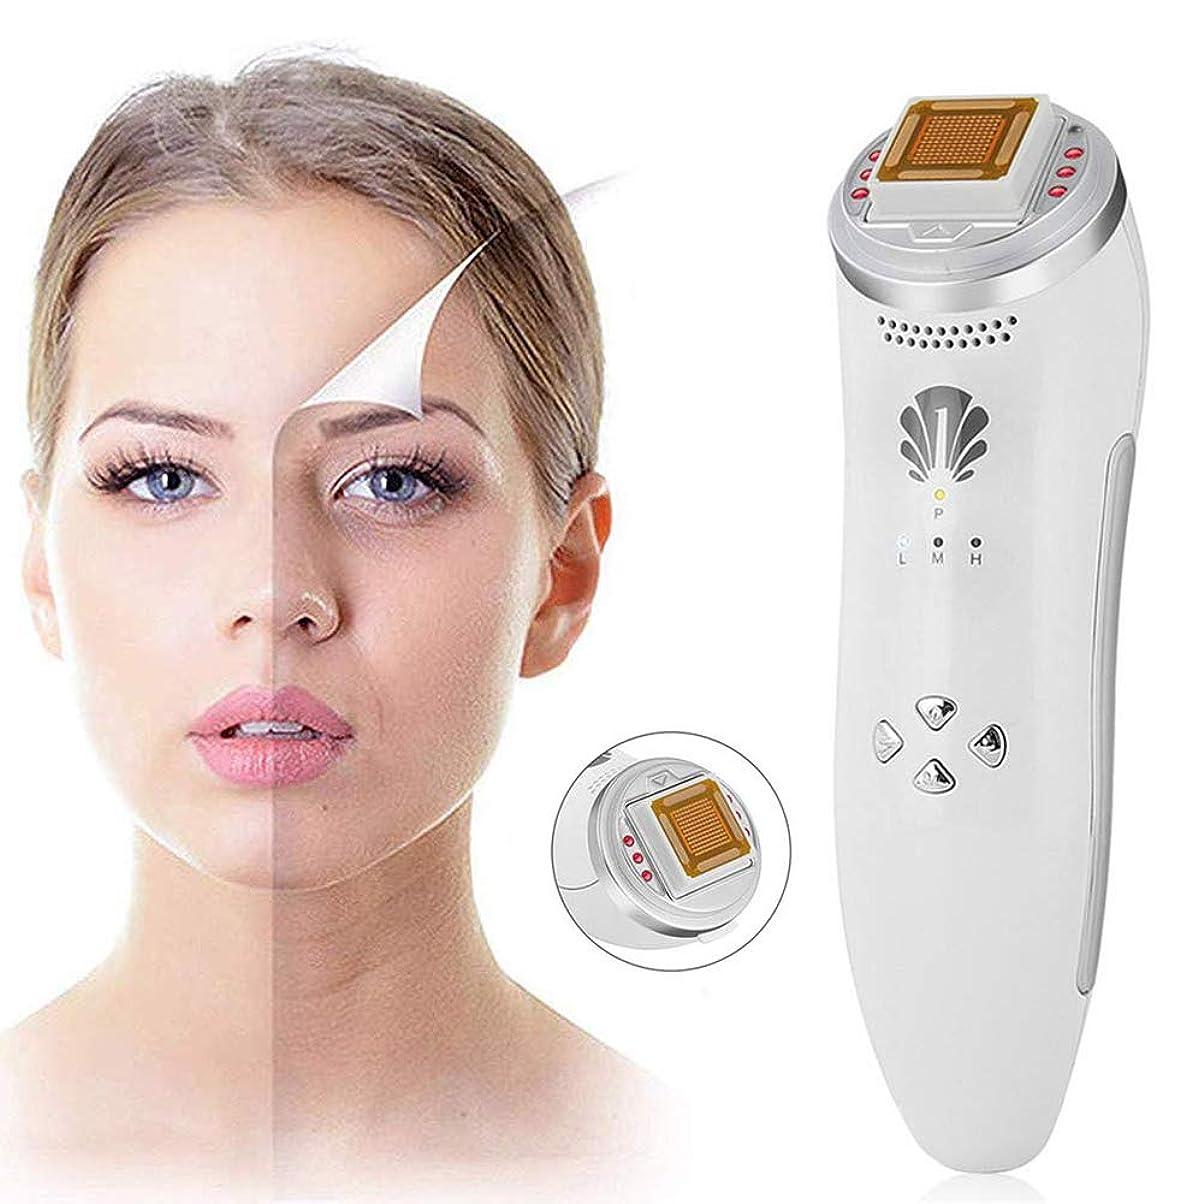 勇敢なリアル小包しわのためのフェイスリフト装置の皮のきつく締まる機械は顔のマッサージャー多機能のスキンケアの美の器械を取除きます